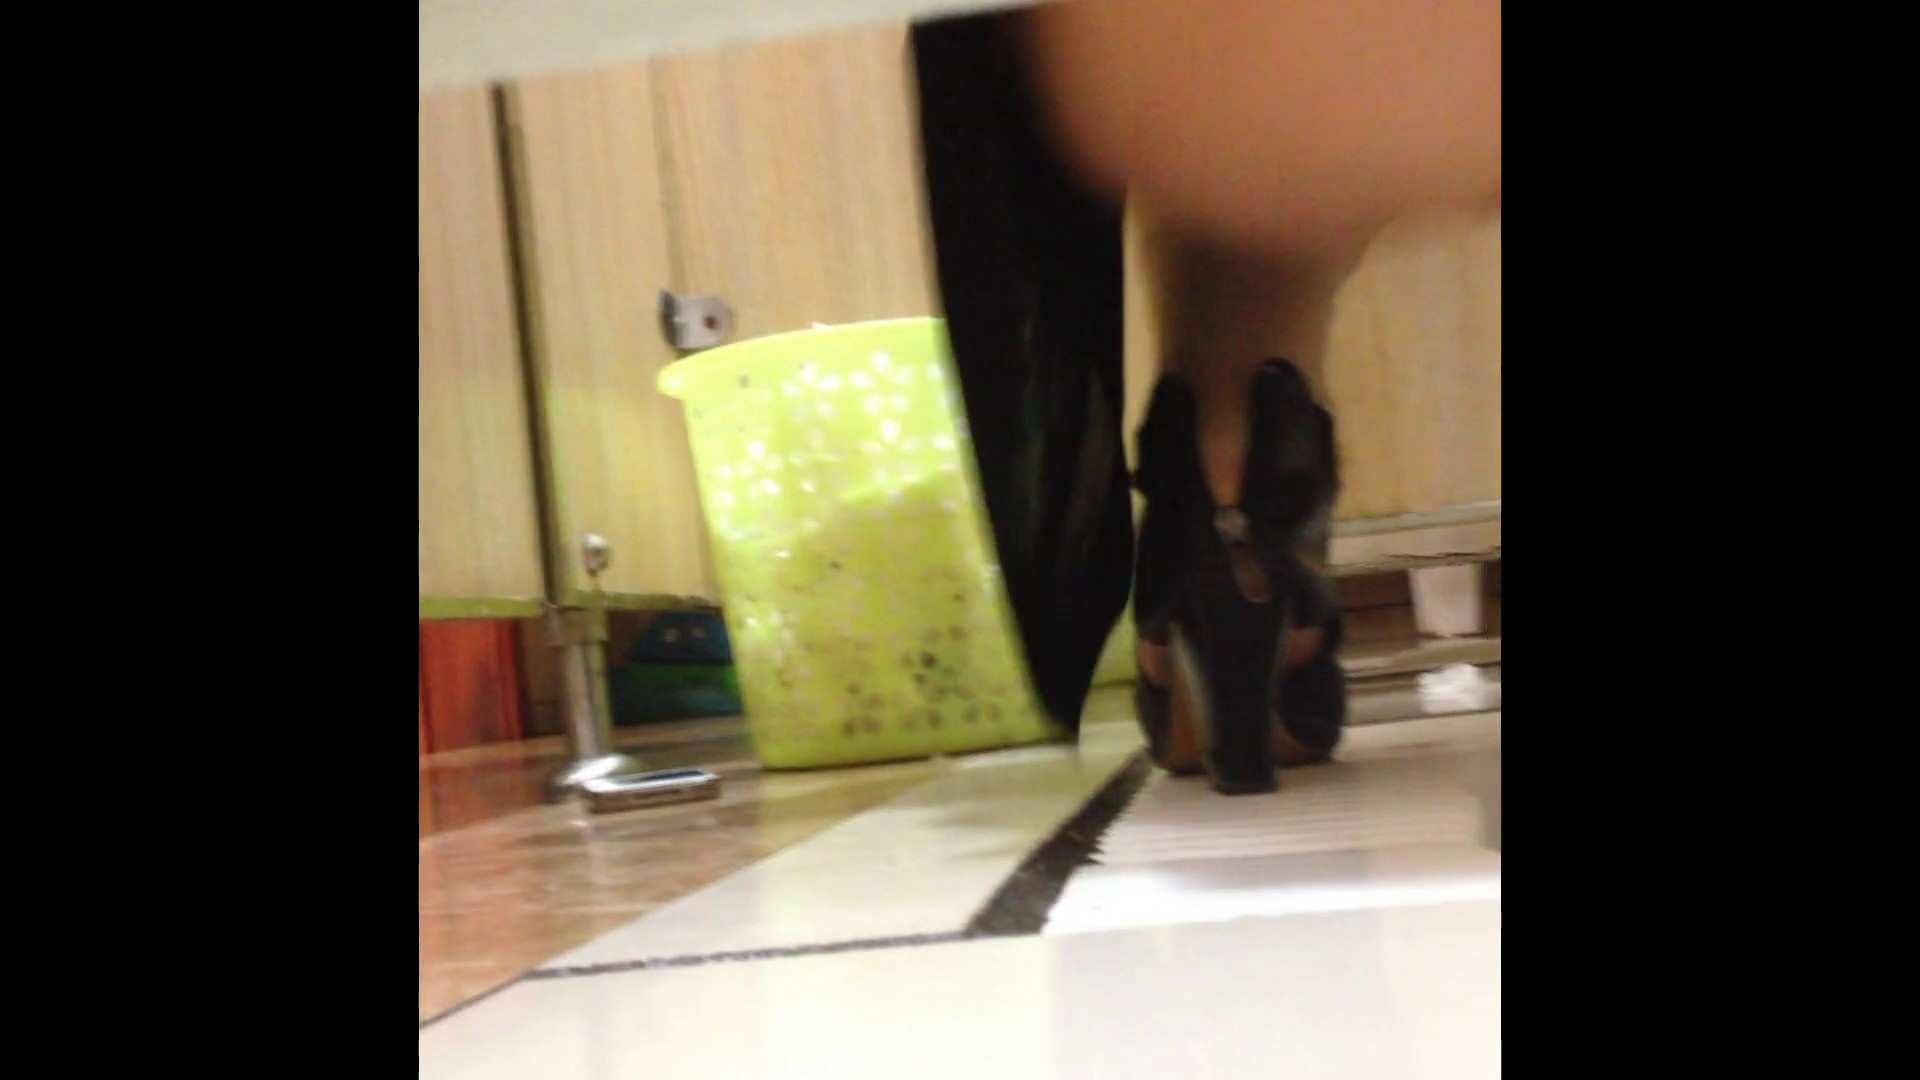 芸術大学ガチ潜入盗撮 JD盗撮 美女の洗面所の秘密 Vol.86 洗面所 | 美女  93pic 67